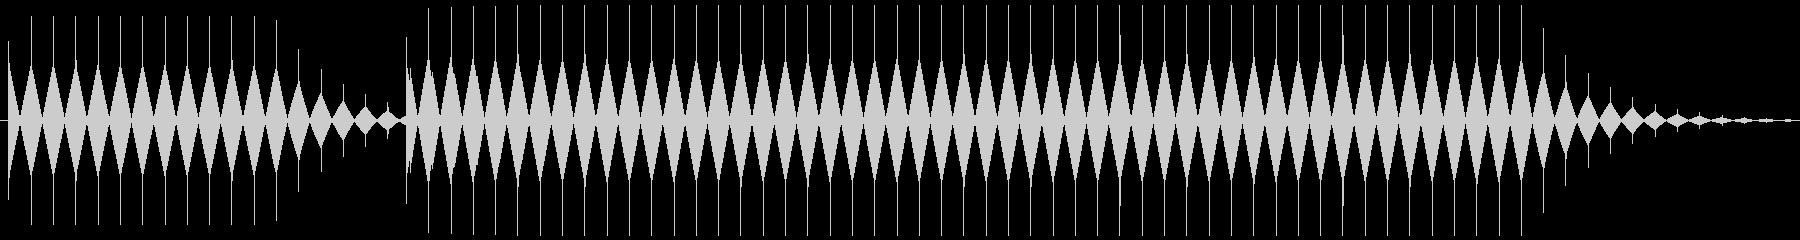 不正解音 ブブー (ノコギリ波)の未再生の波形